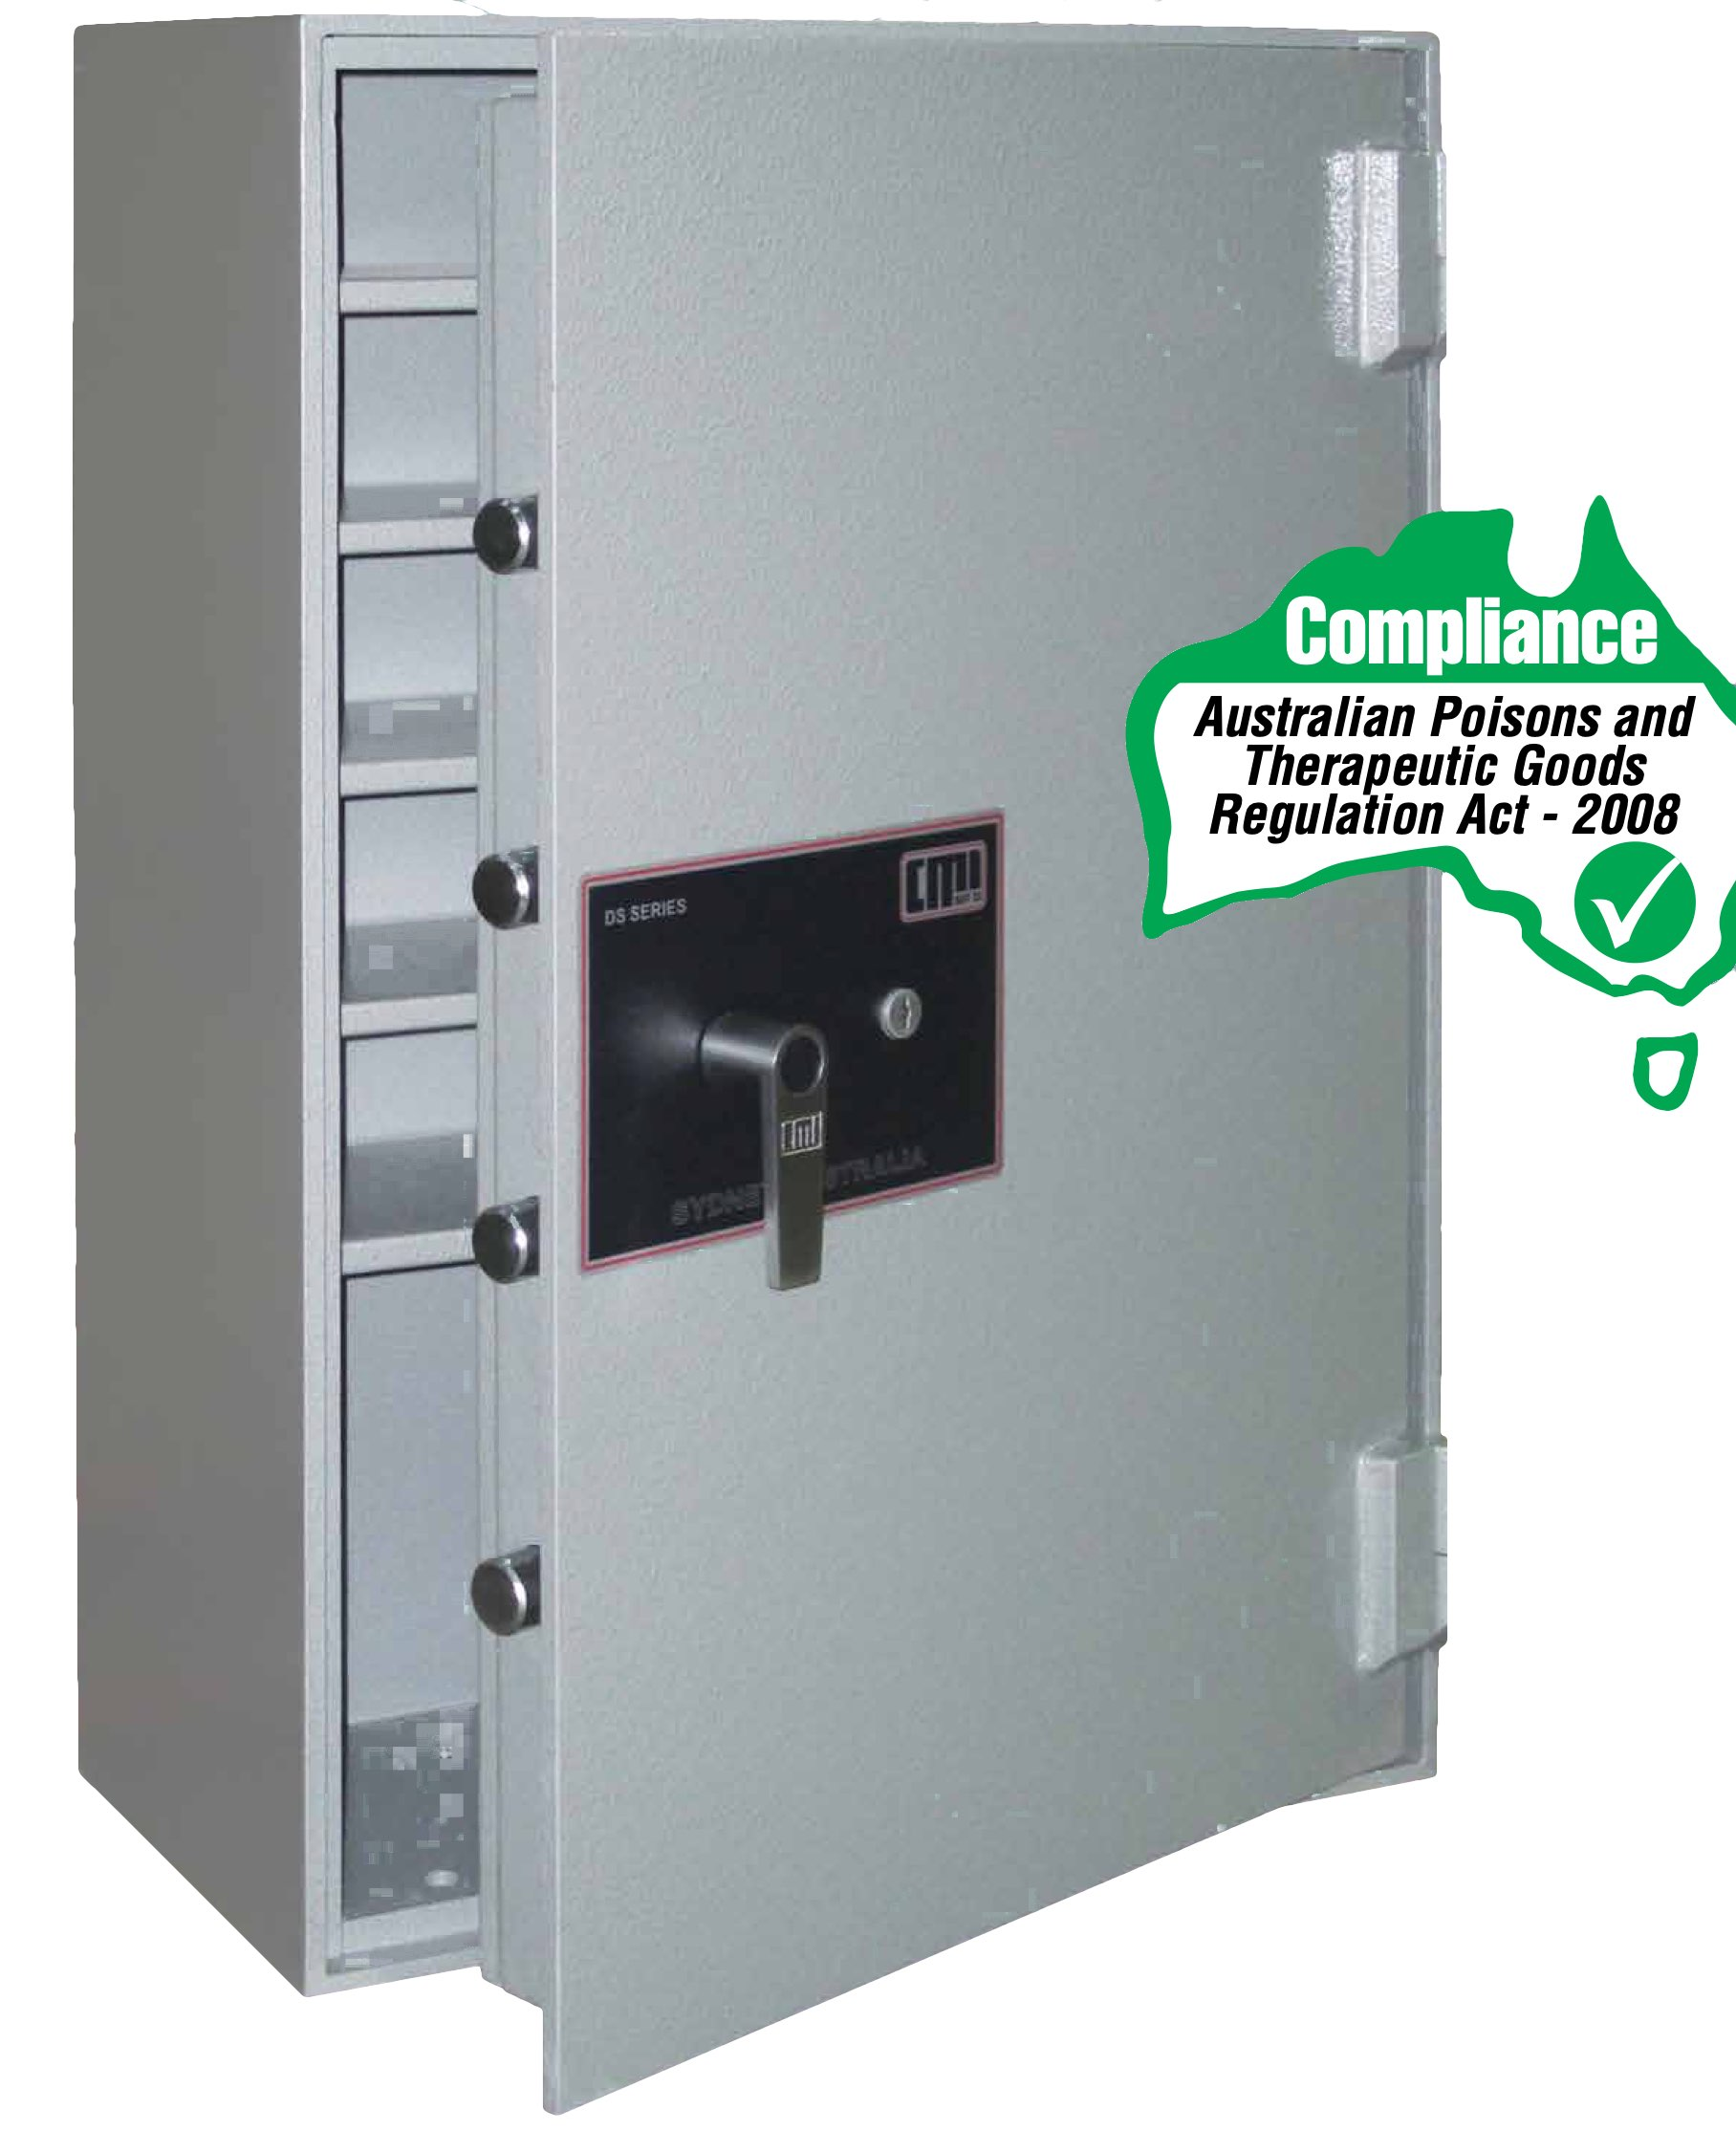 CMI DS900 Drug Safe